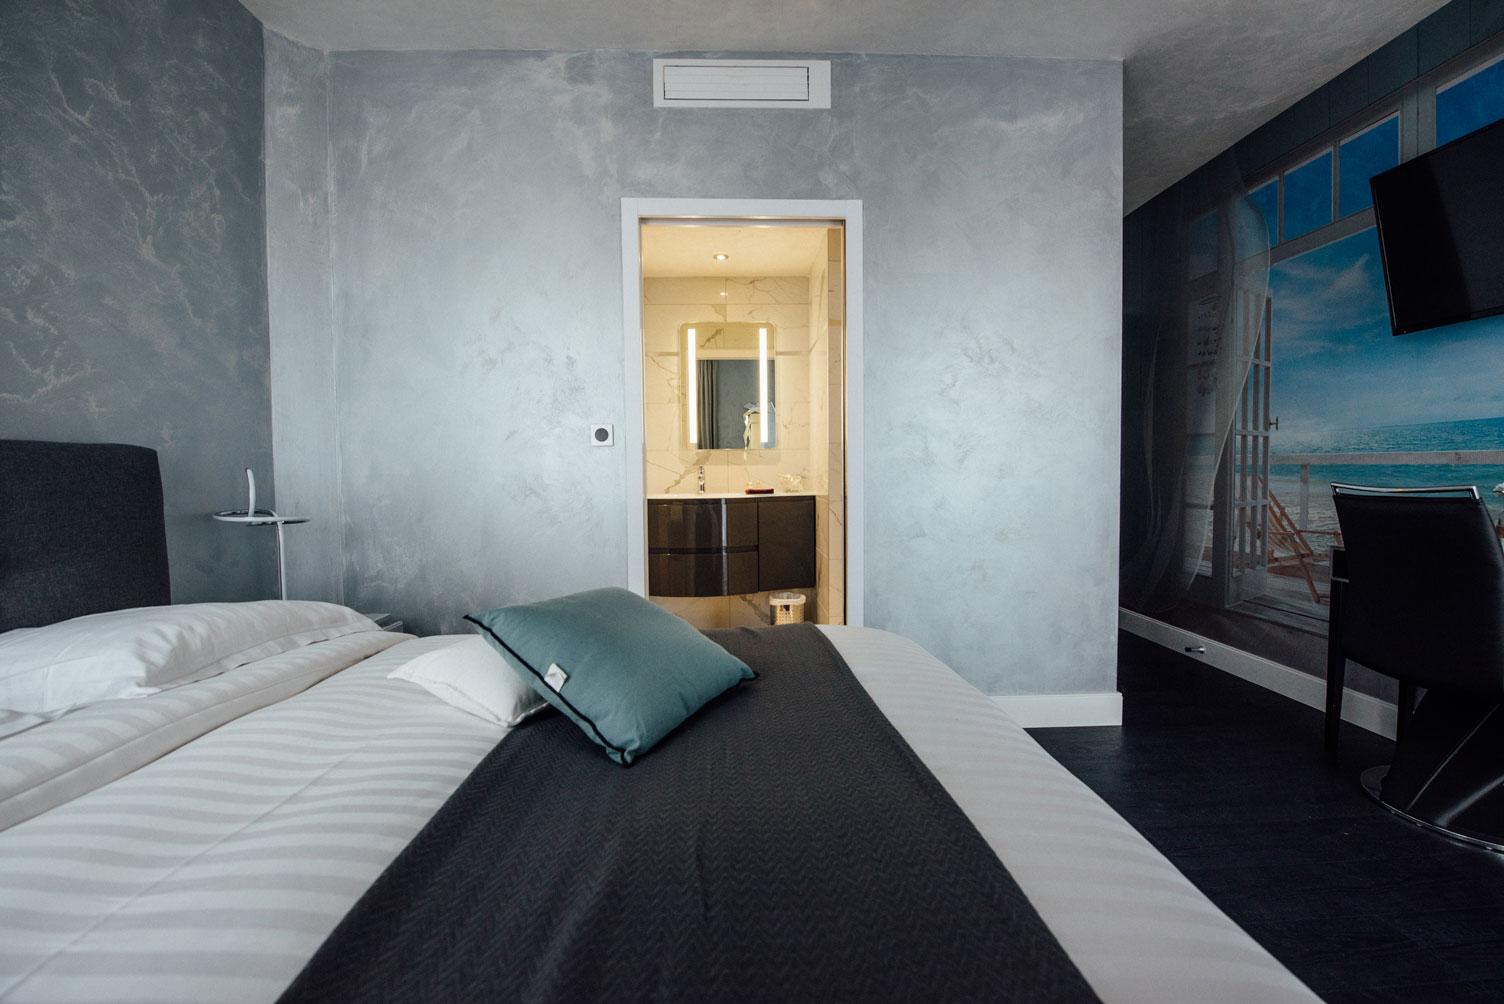 Chambre standard lit salle de bain | Amirauté Hôtel La Baule